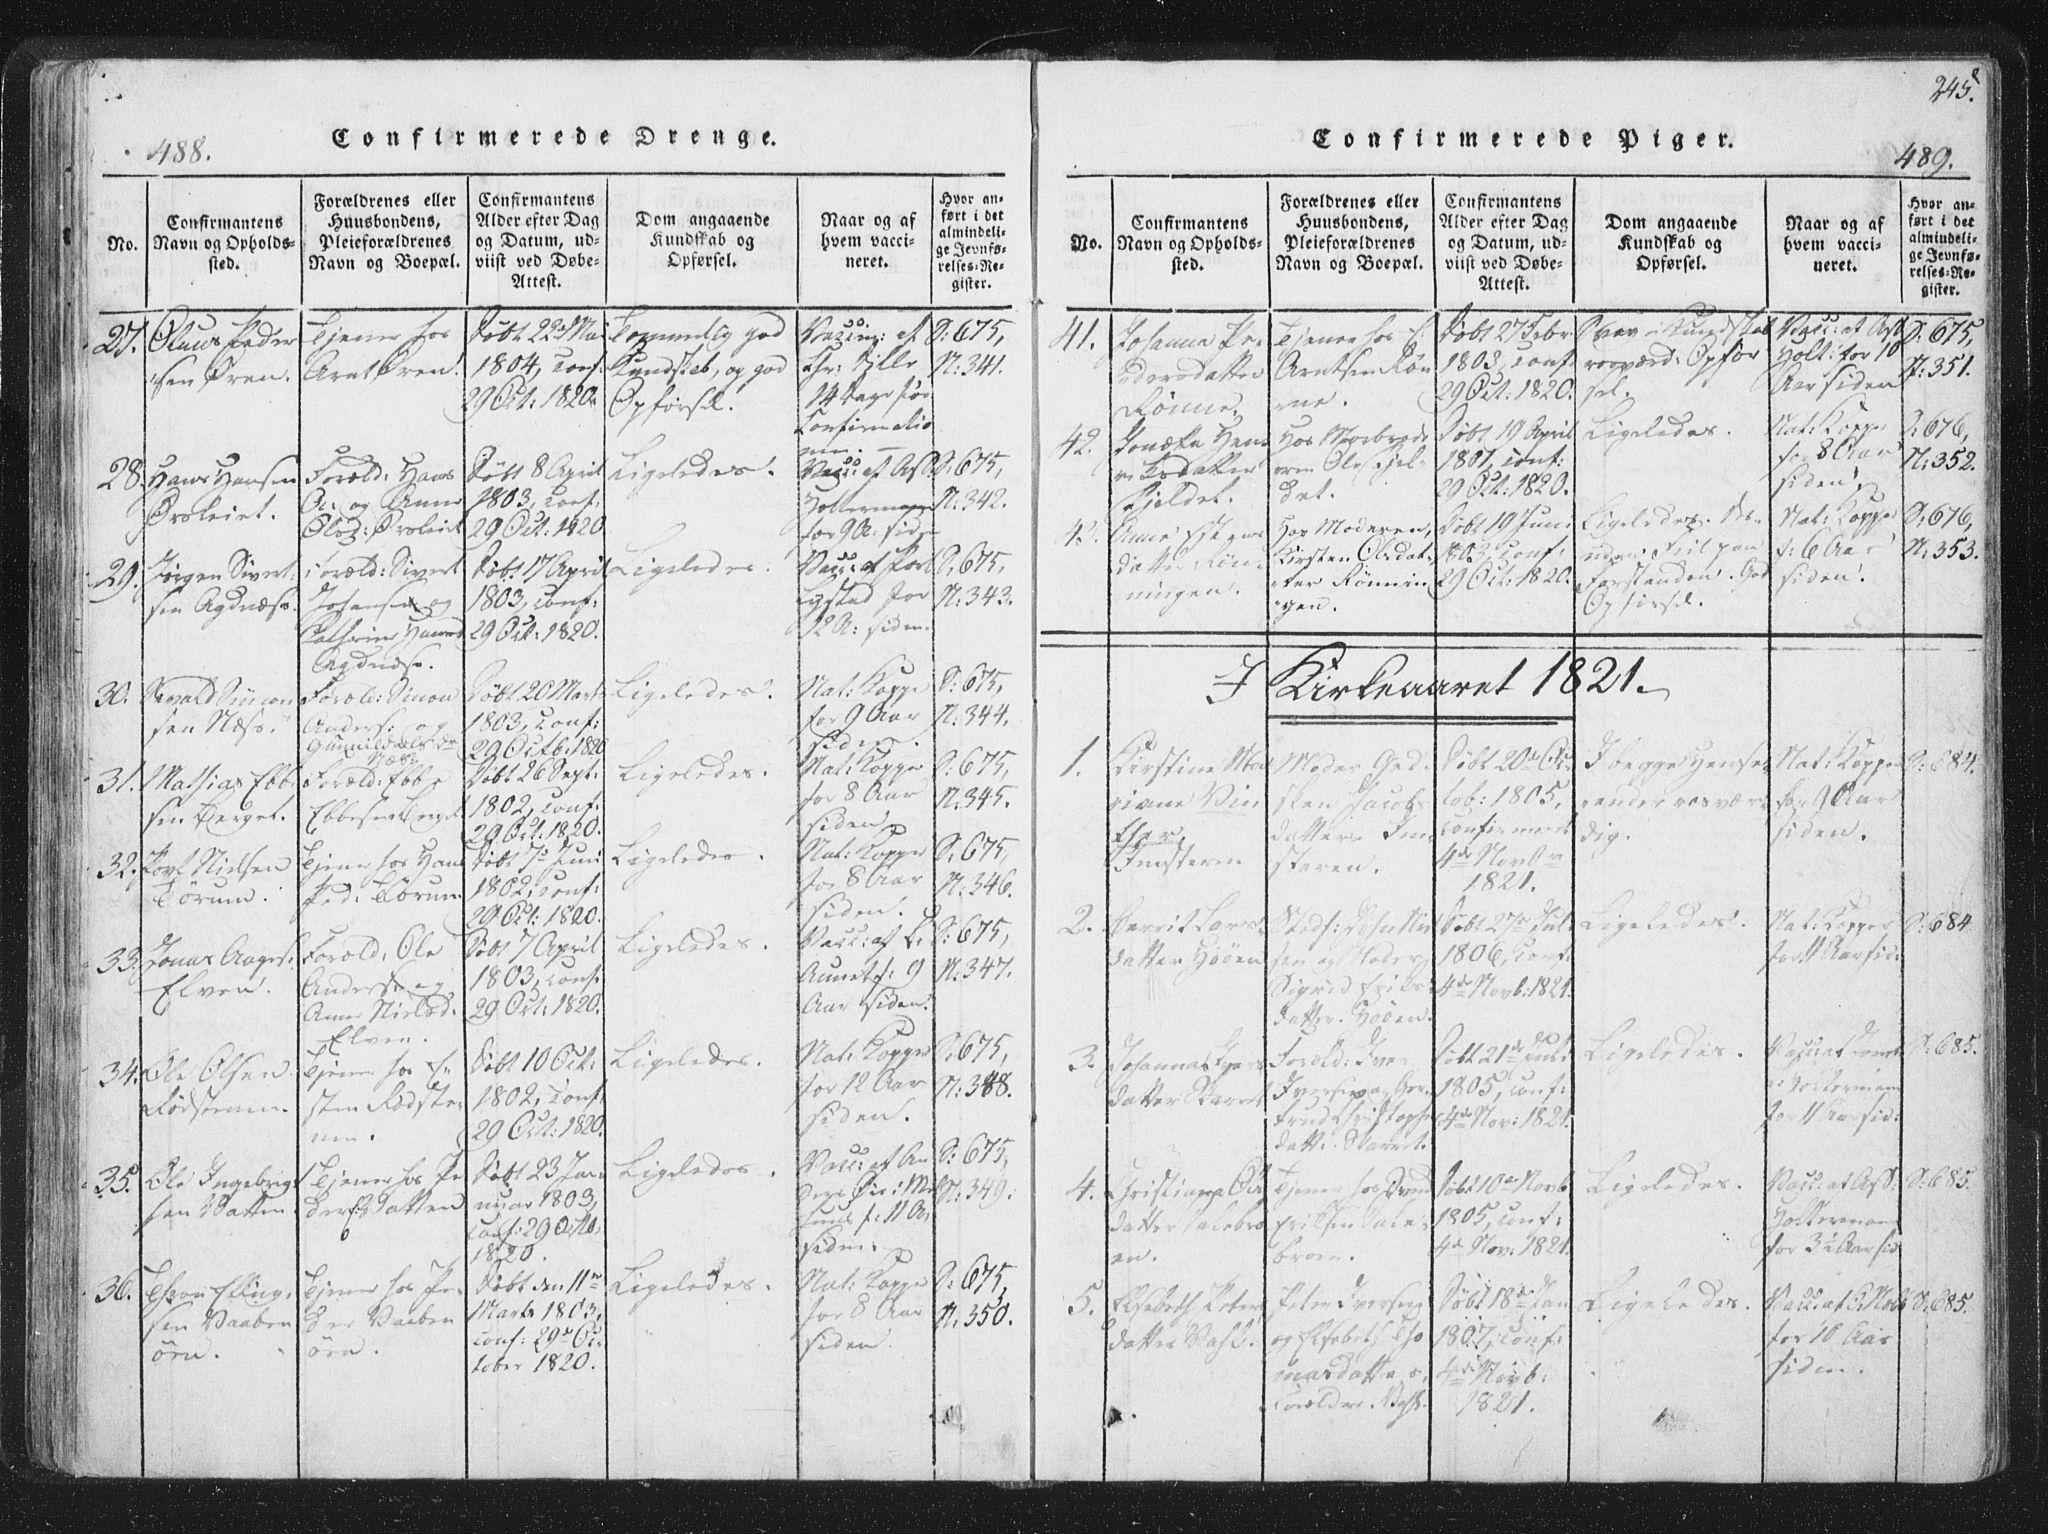 SAT, Ministerialprotokoller, klokkerbøker og fødselsregistre - Sør-Trøndelag, 659/L0734: Ministerialbok nr. 659A04, 1818-1825, s. 488-489